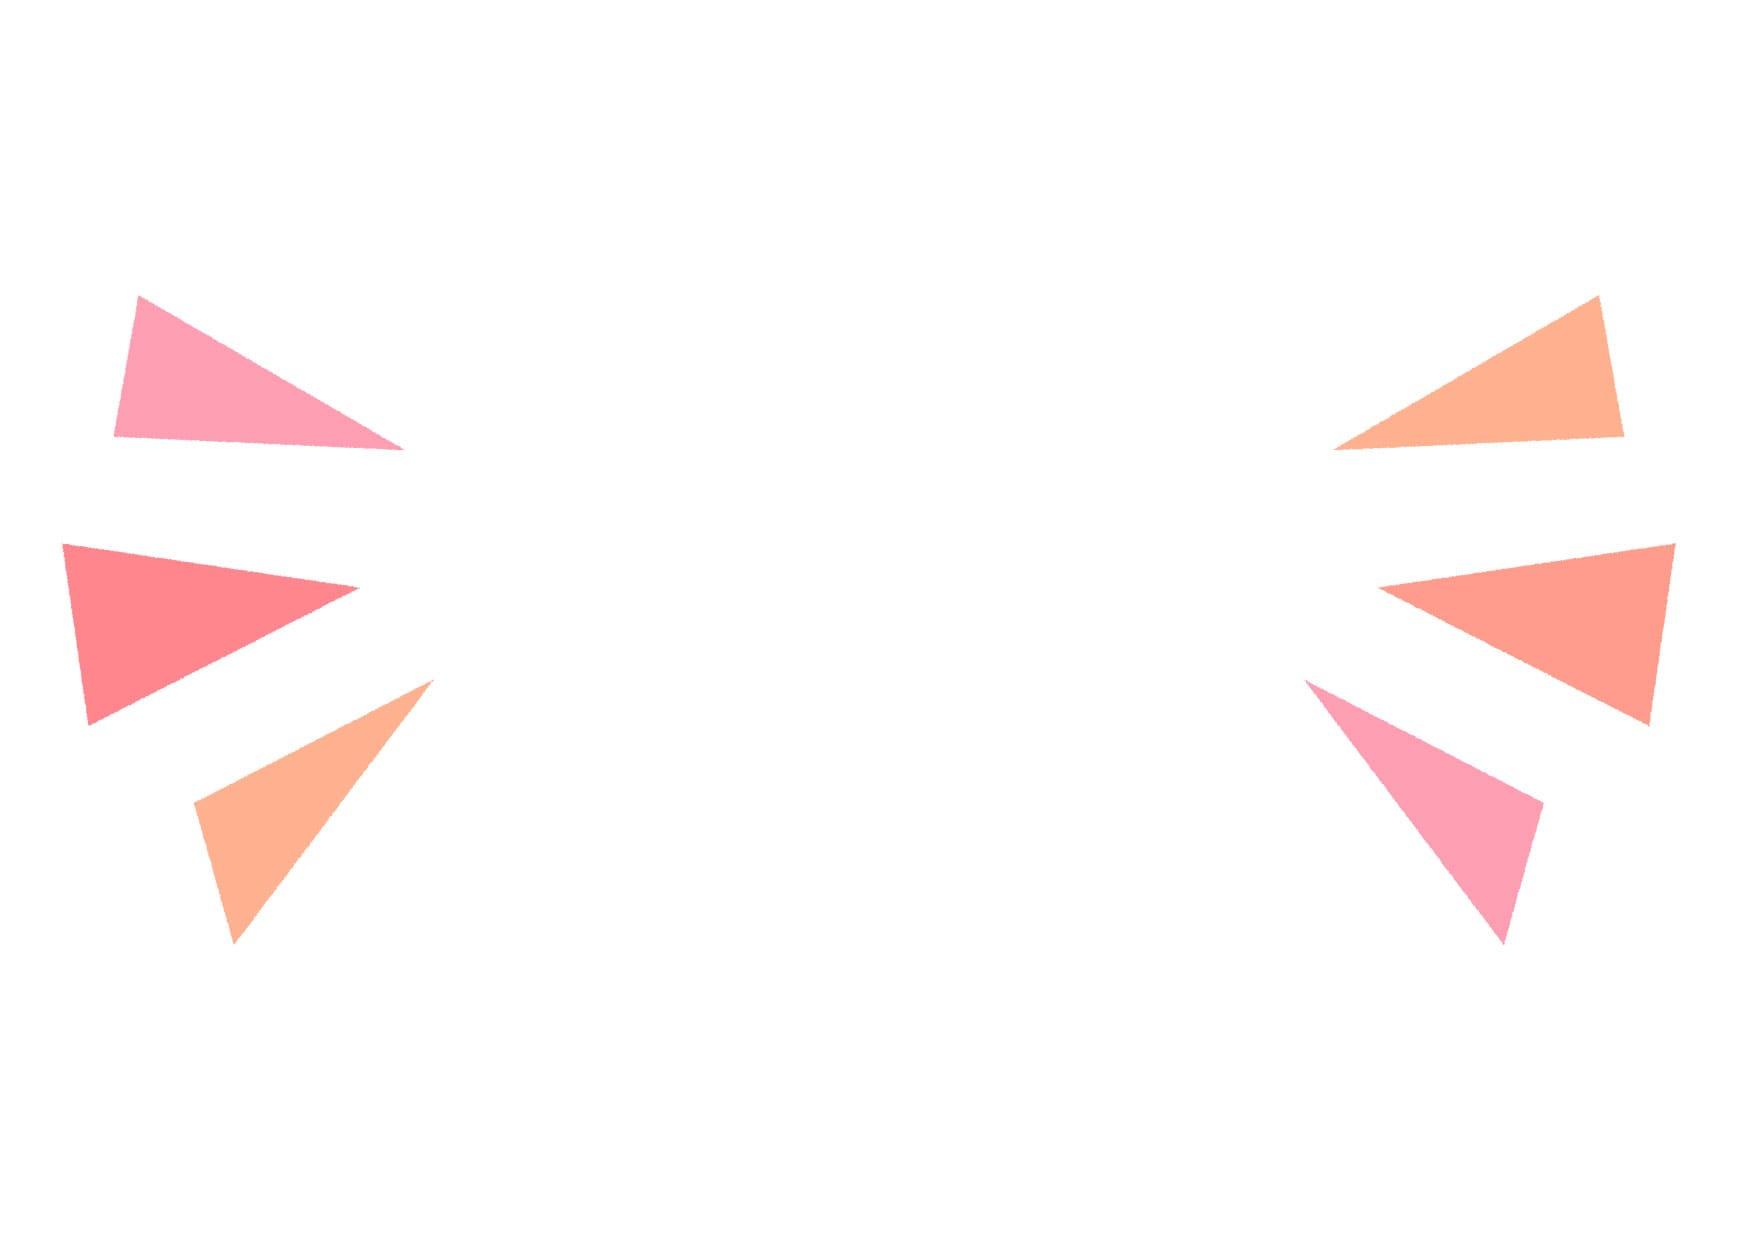 可愛いイラスト|気づき アイコン ピンク − free illustration Triangle icon pink